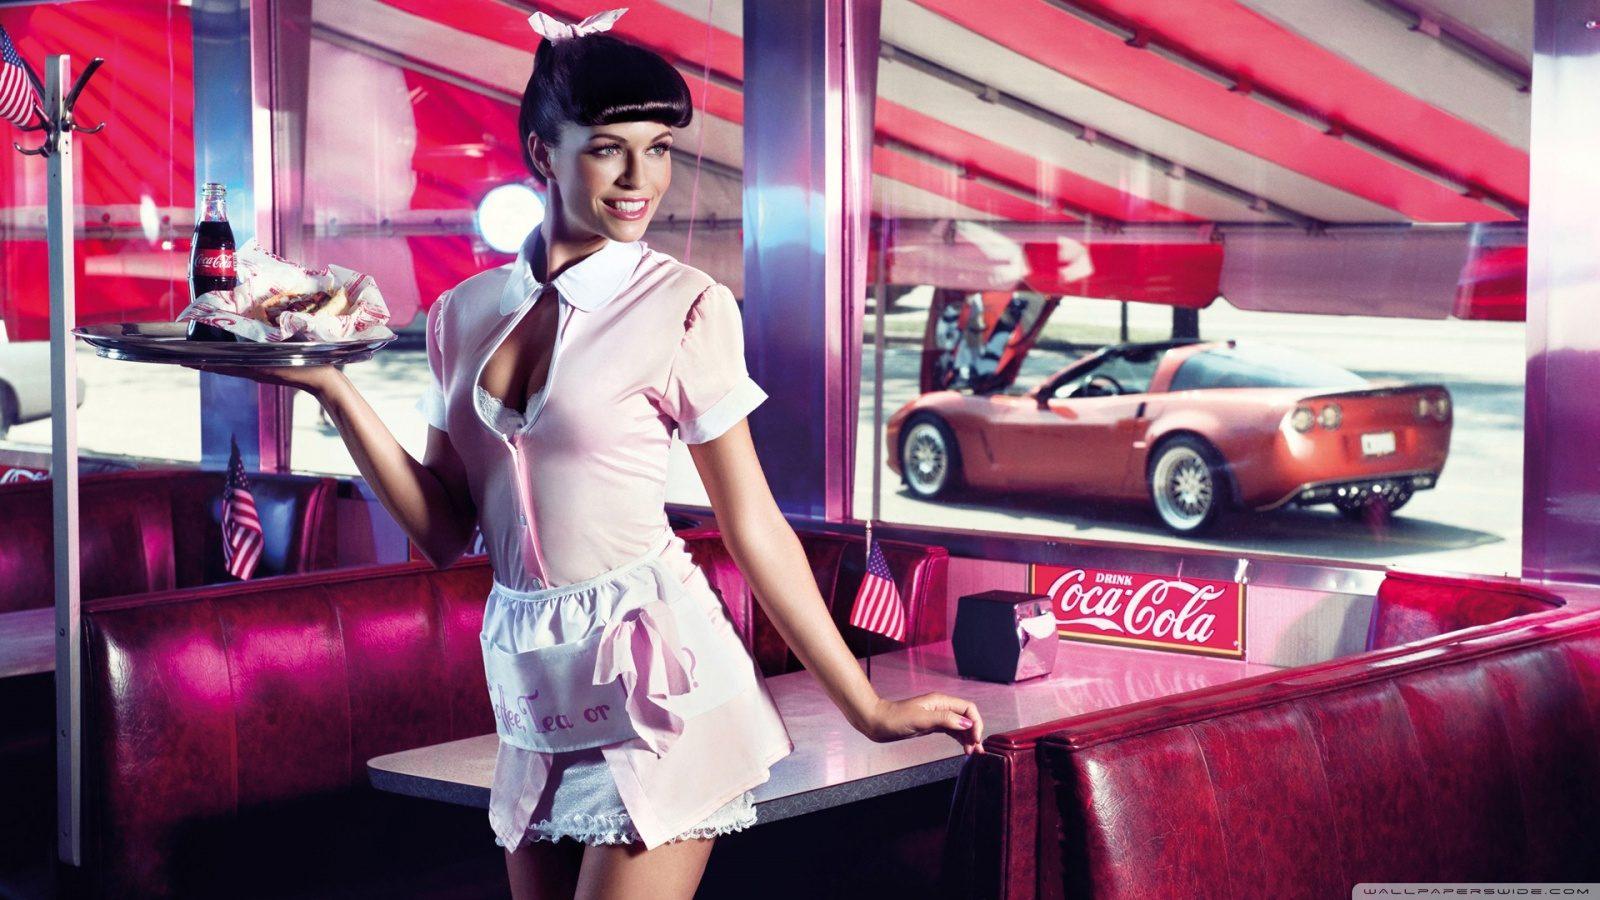 sexy_waitress-wallpaper-1600x900.jpg